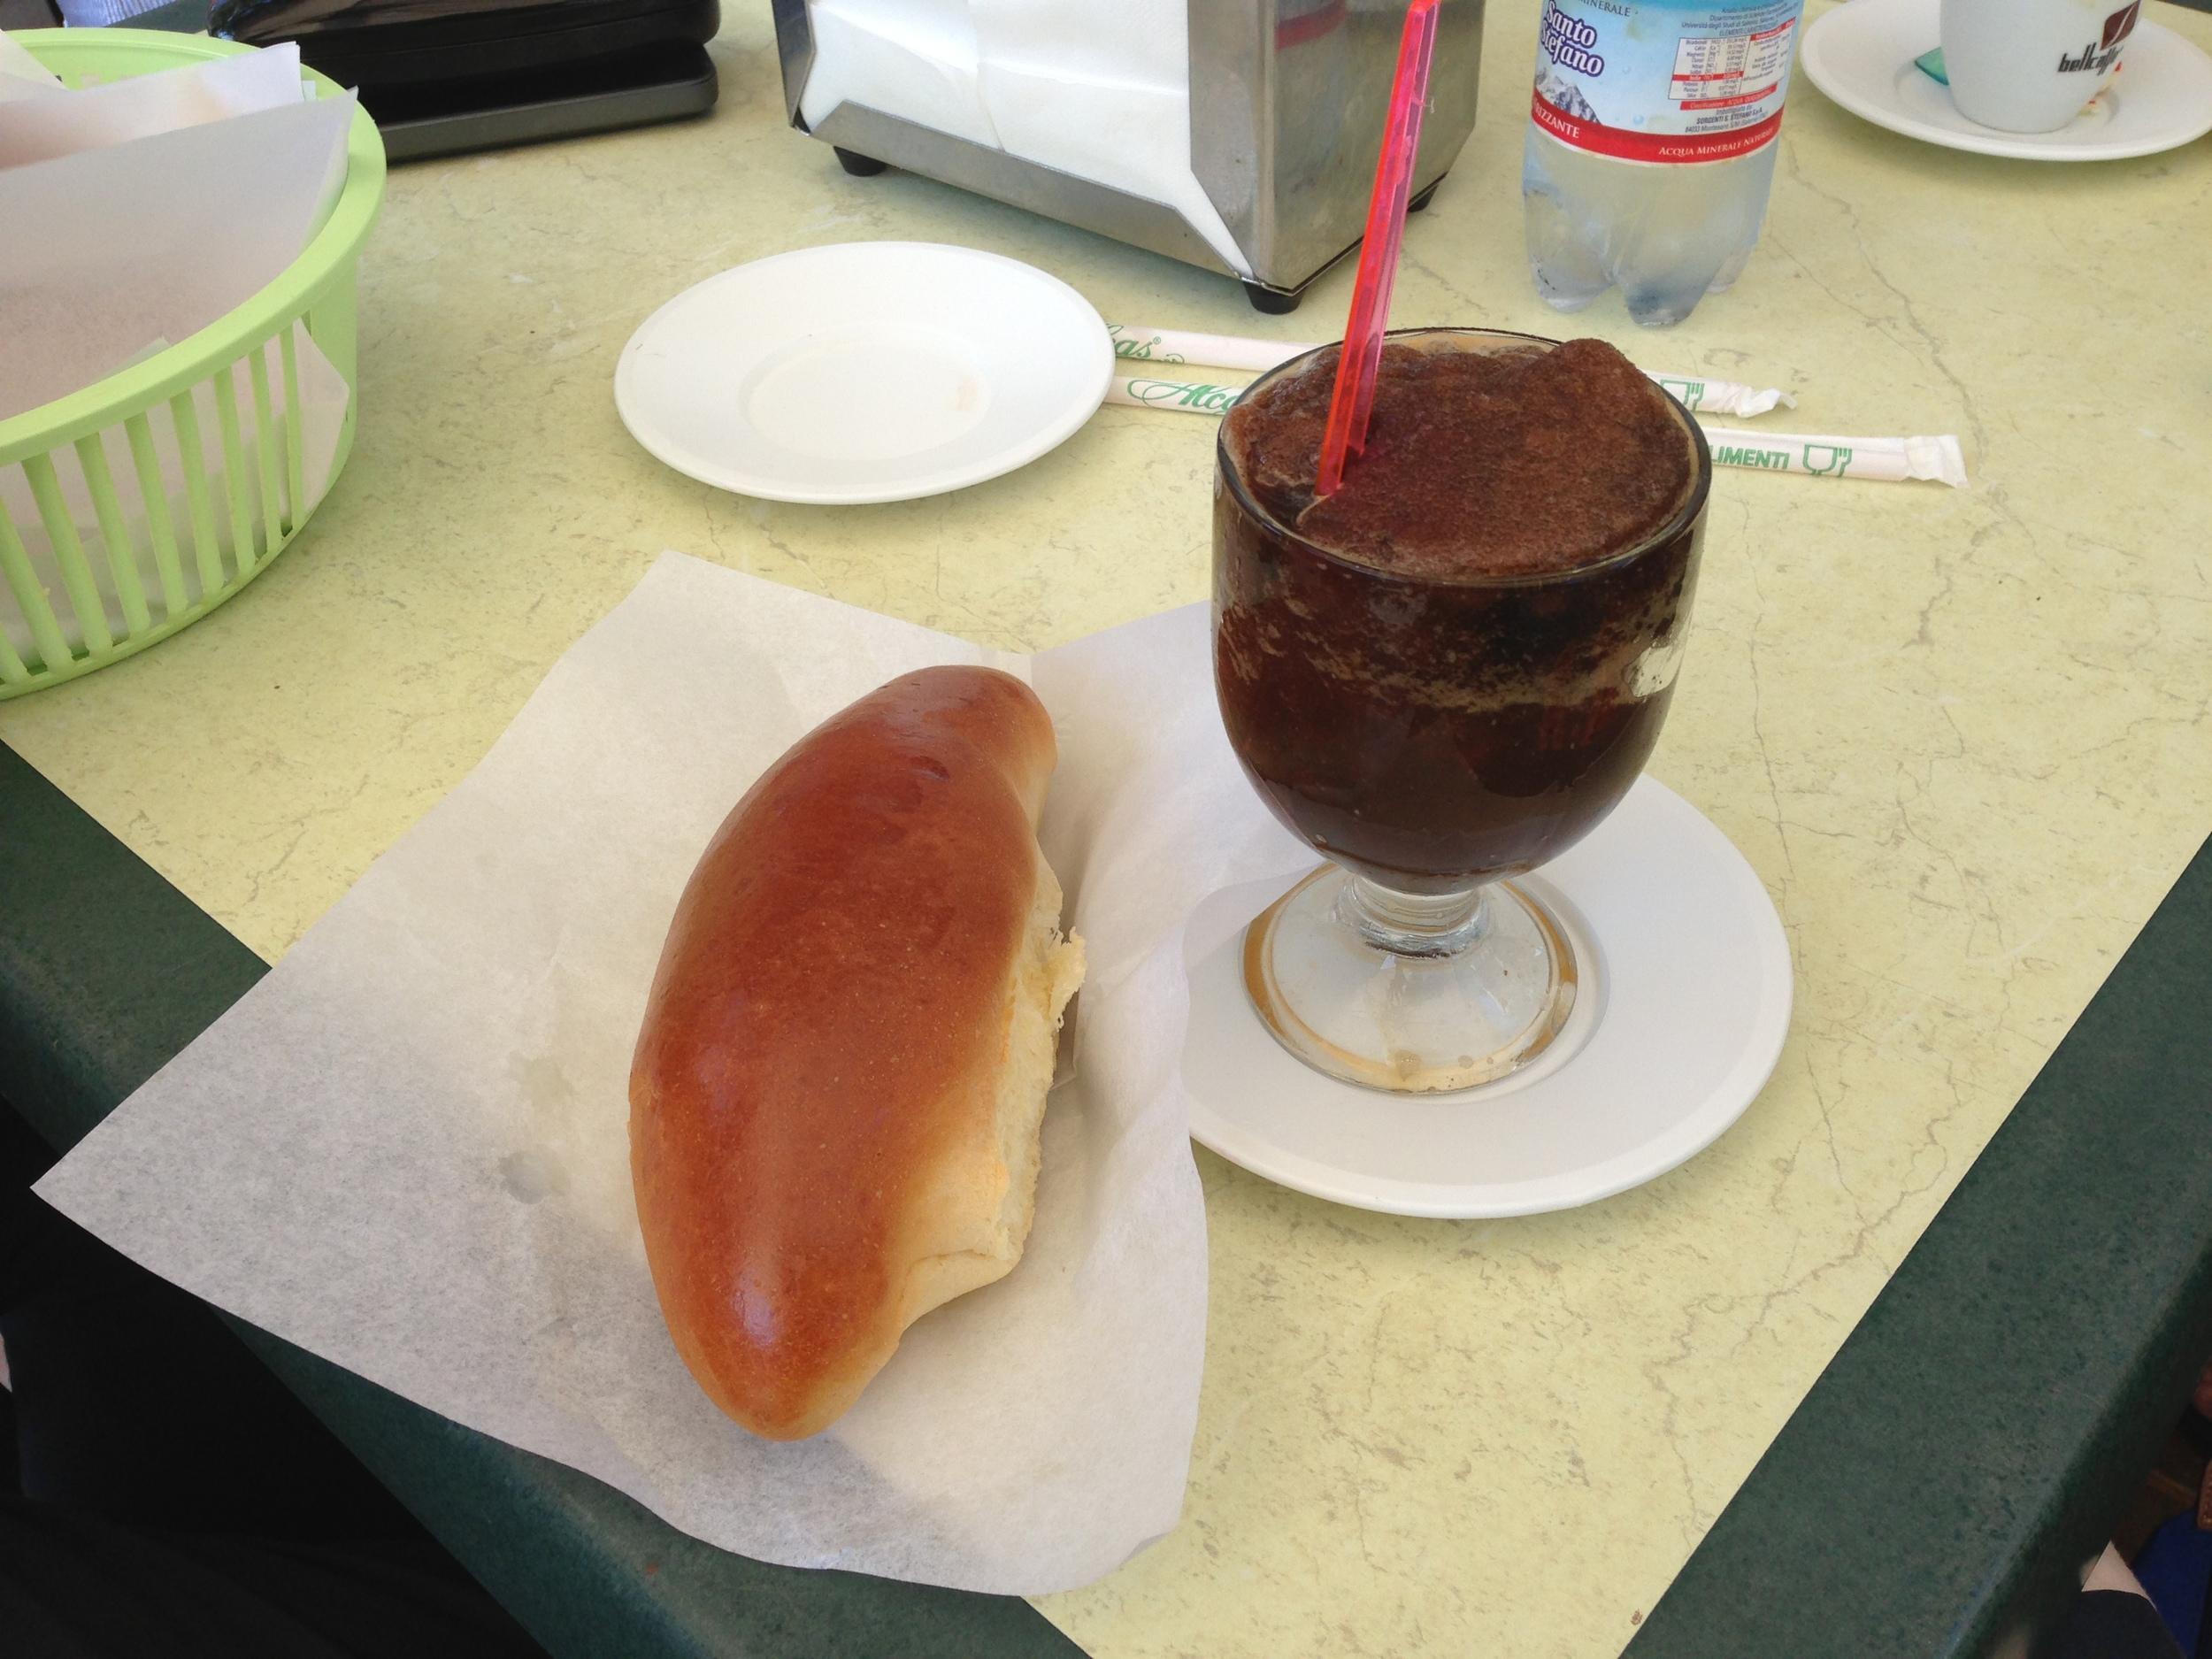 Coffee flavored granita, with brioscia.